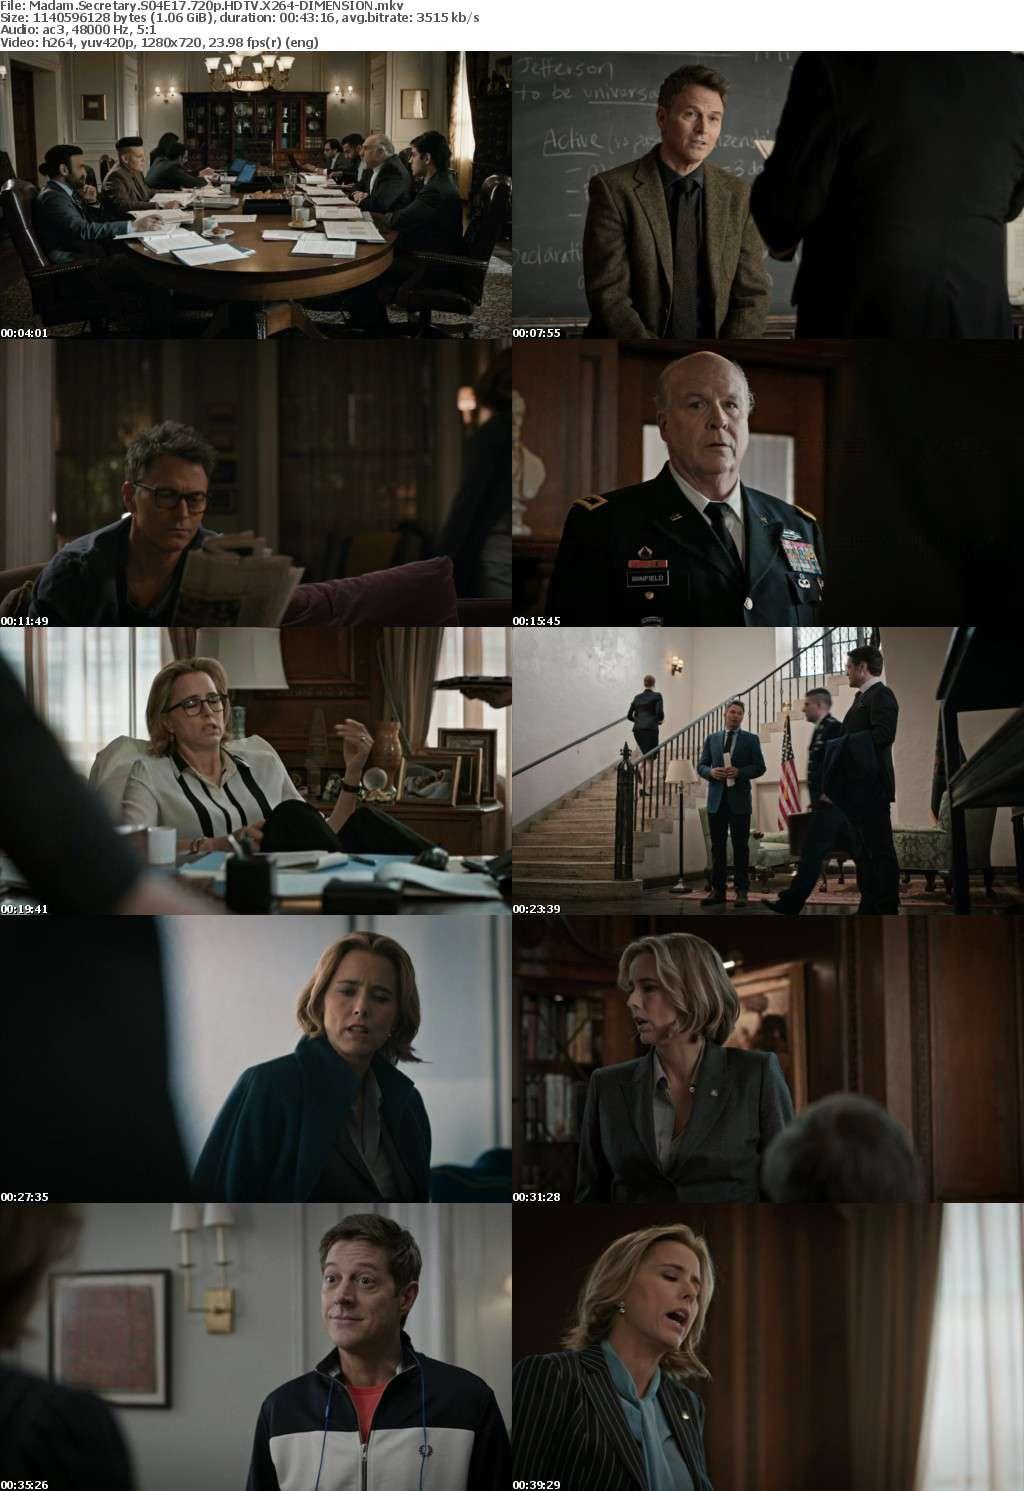 Madam Secretary S04E17 720p HDTV X264-DIMENSION